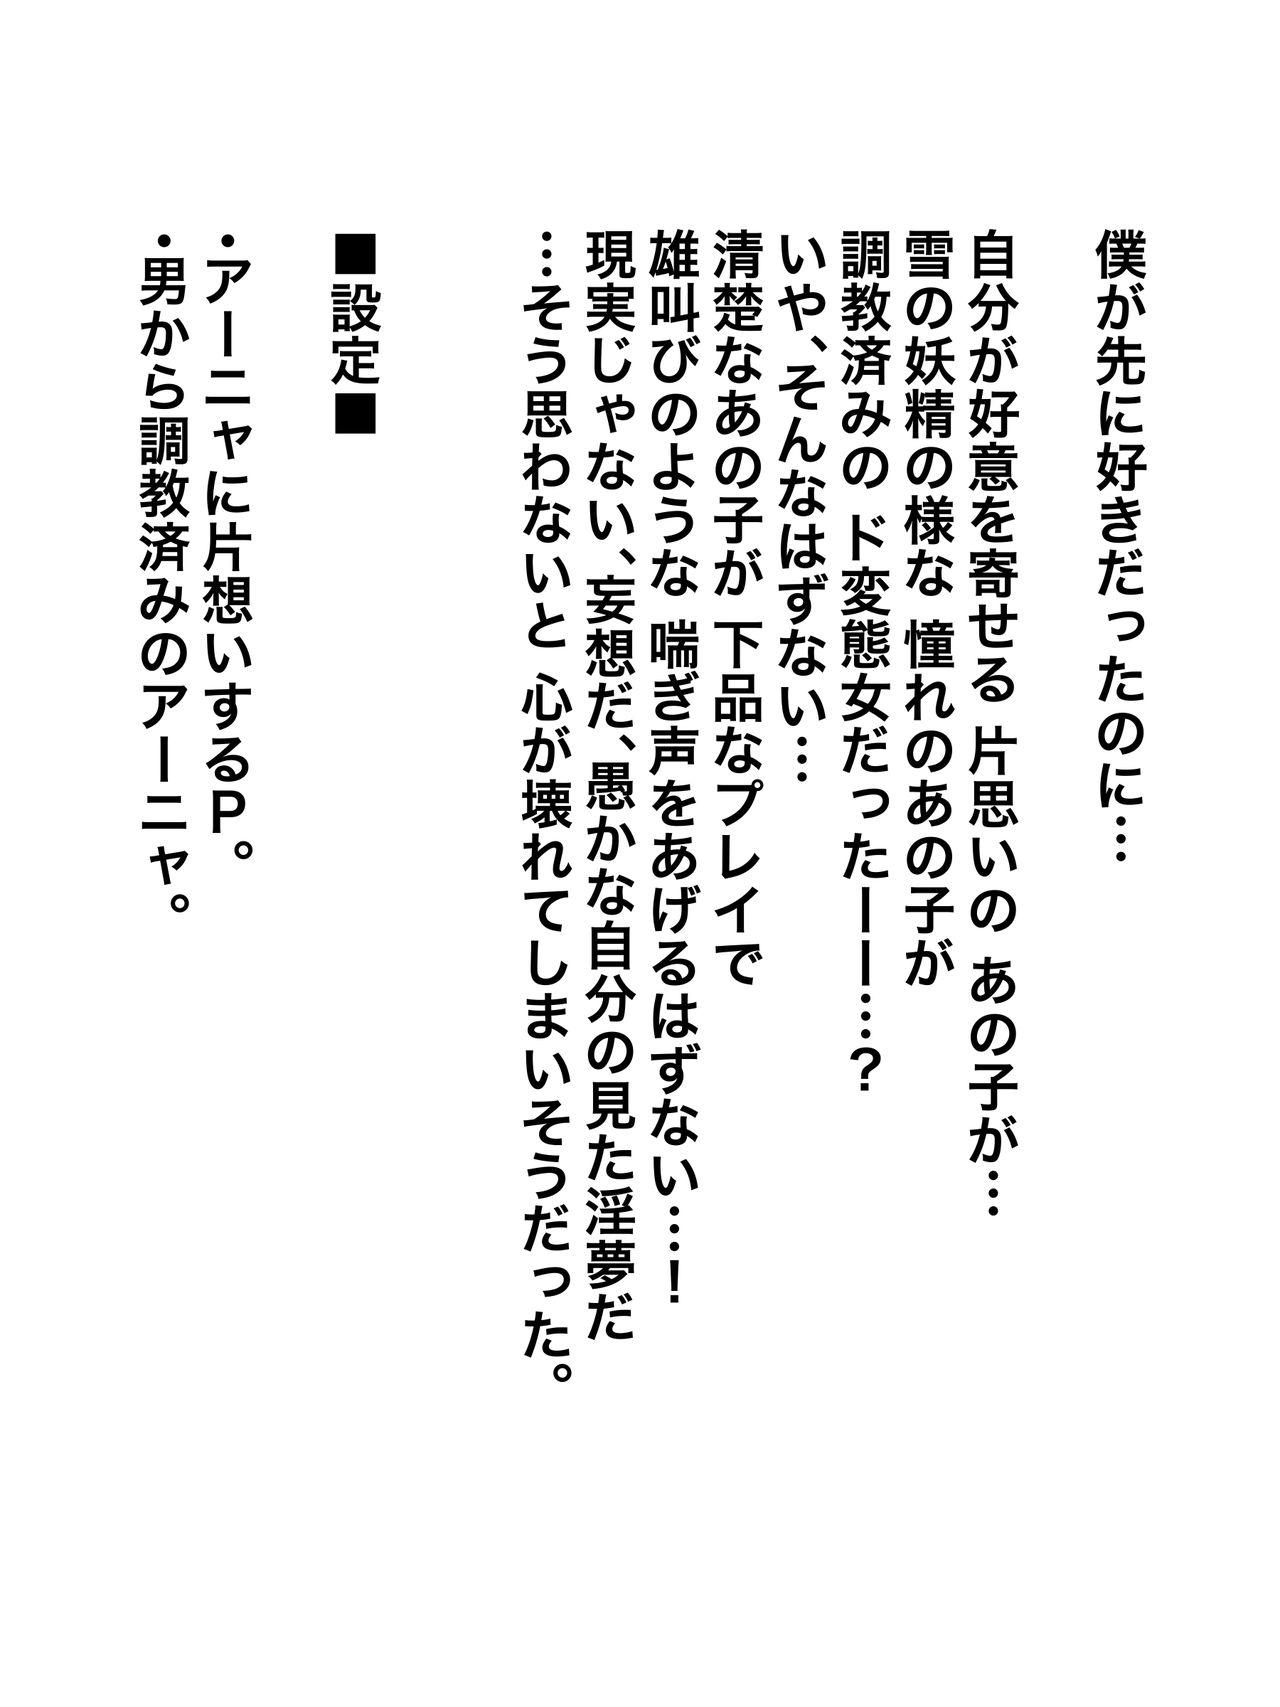 Kanzenba/P 「Sochira no kata wa…?」?「Chissu, ore otoutosu」 3